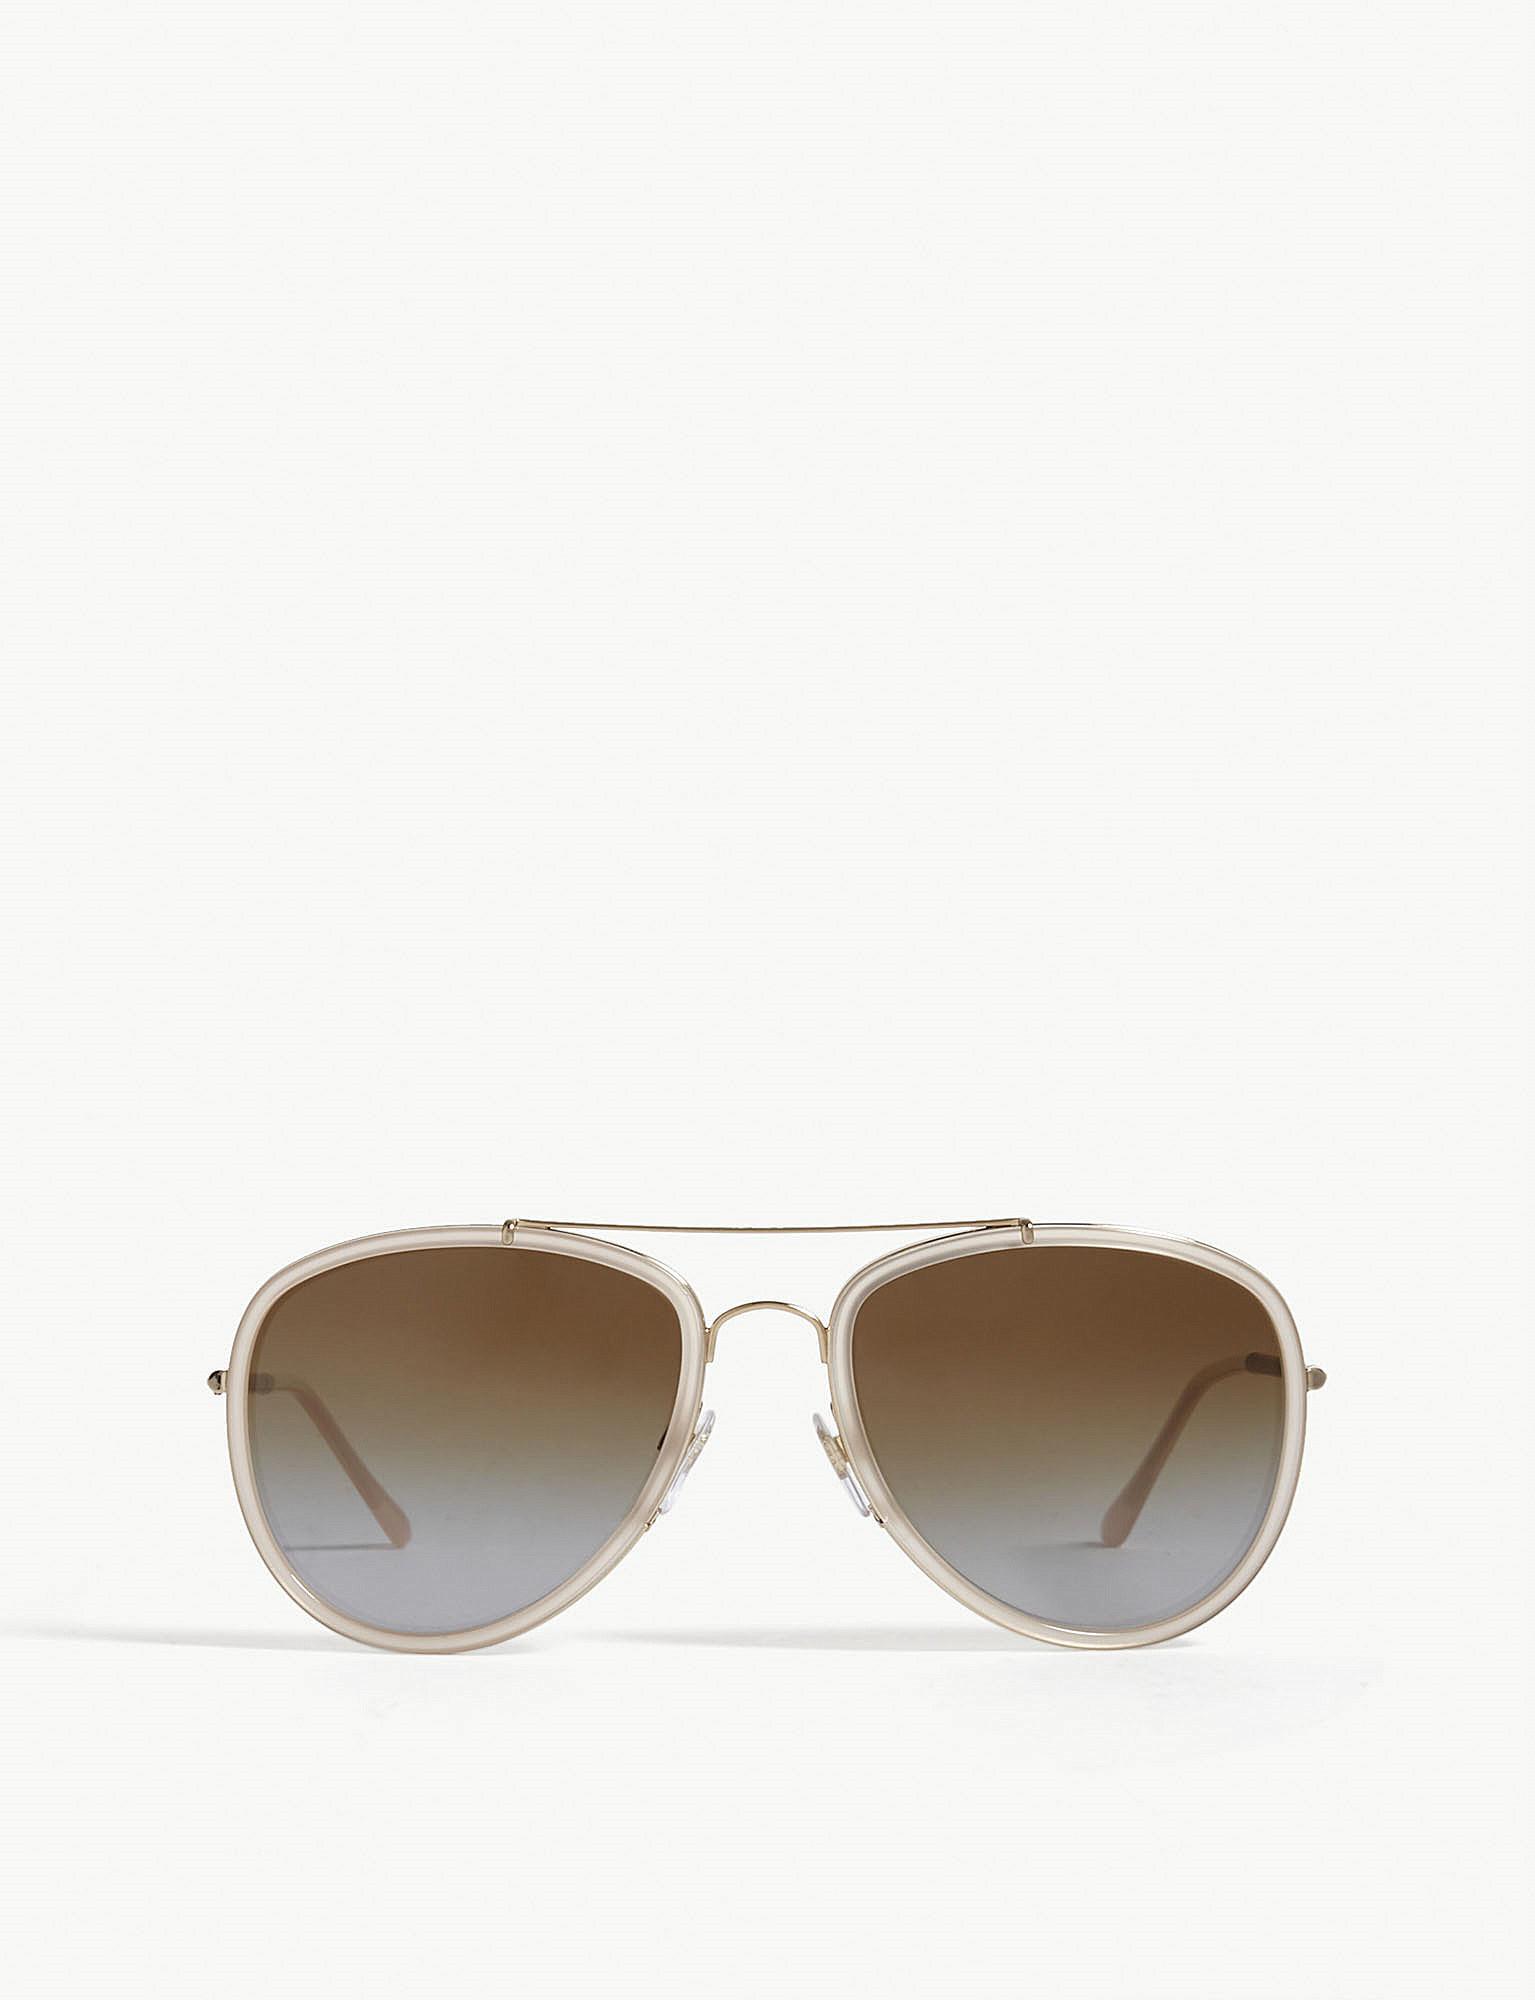 ba7f0bb170b Burberry B3090 Aviator Sunglasses - Lyst